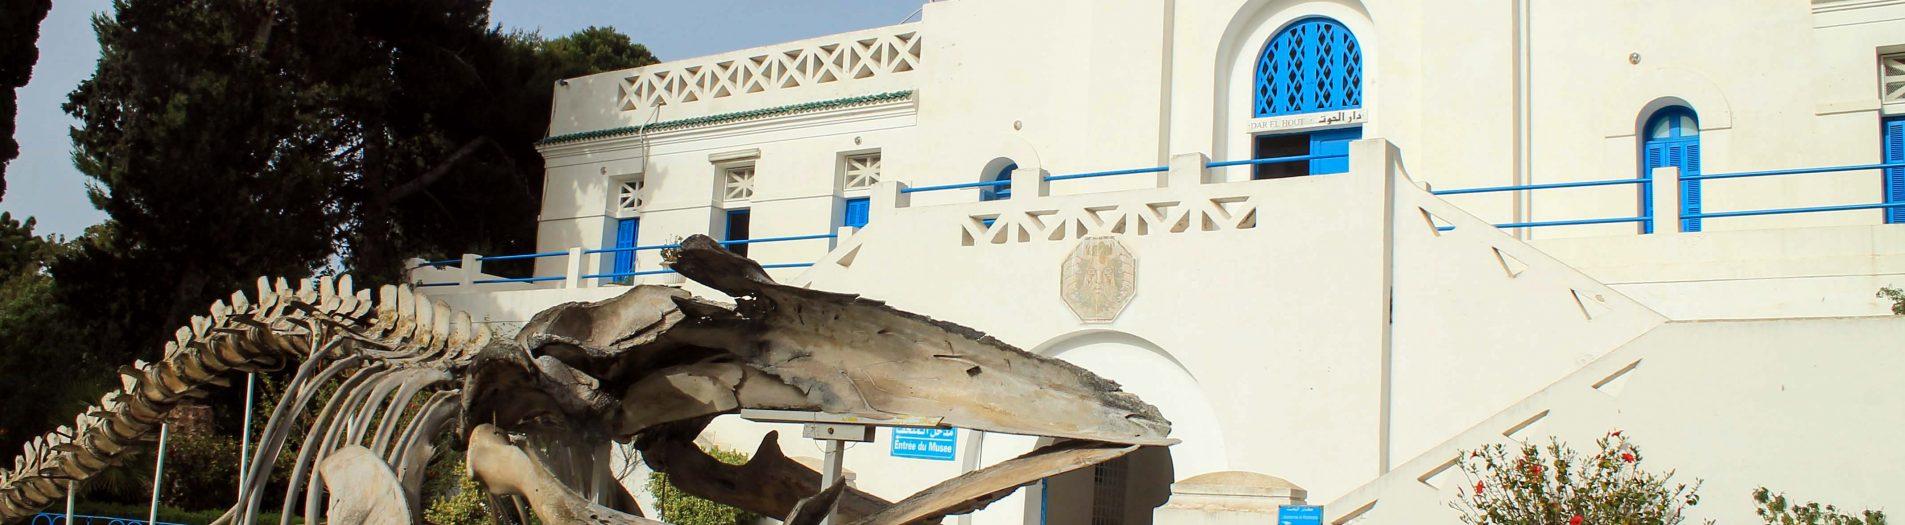 Musée de Salammbo متحف صلامبو